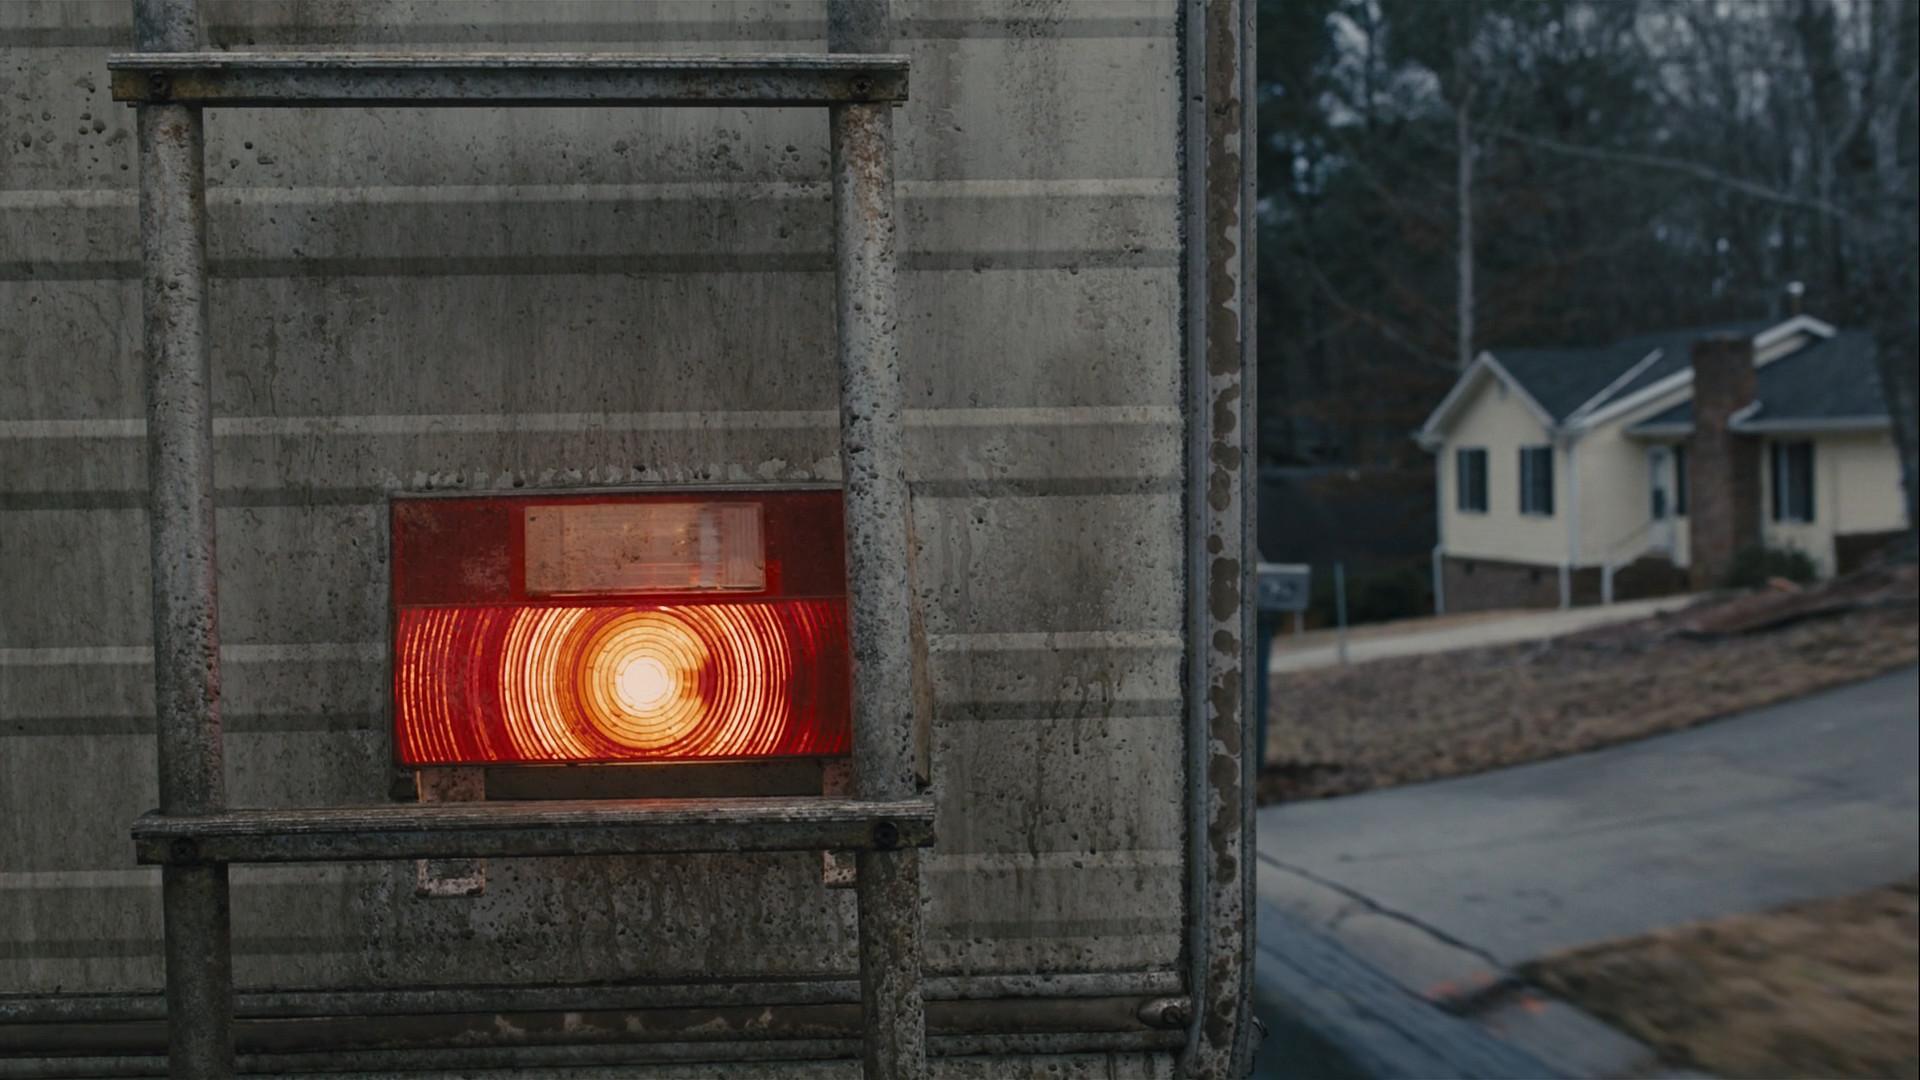 Photo extraite du film où l'on voit l'arrière d'un camping-car sale